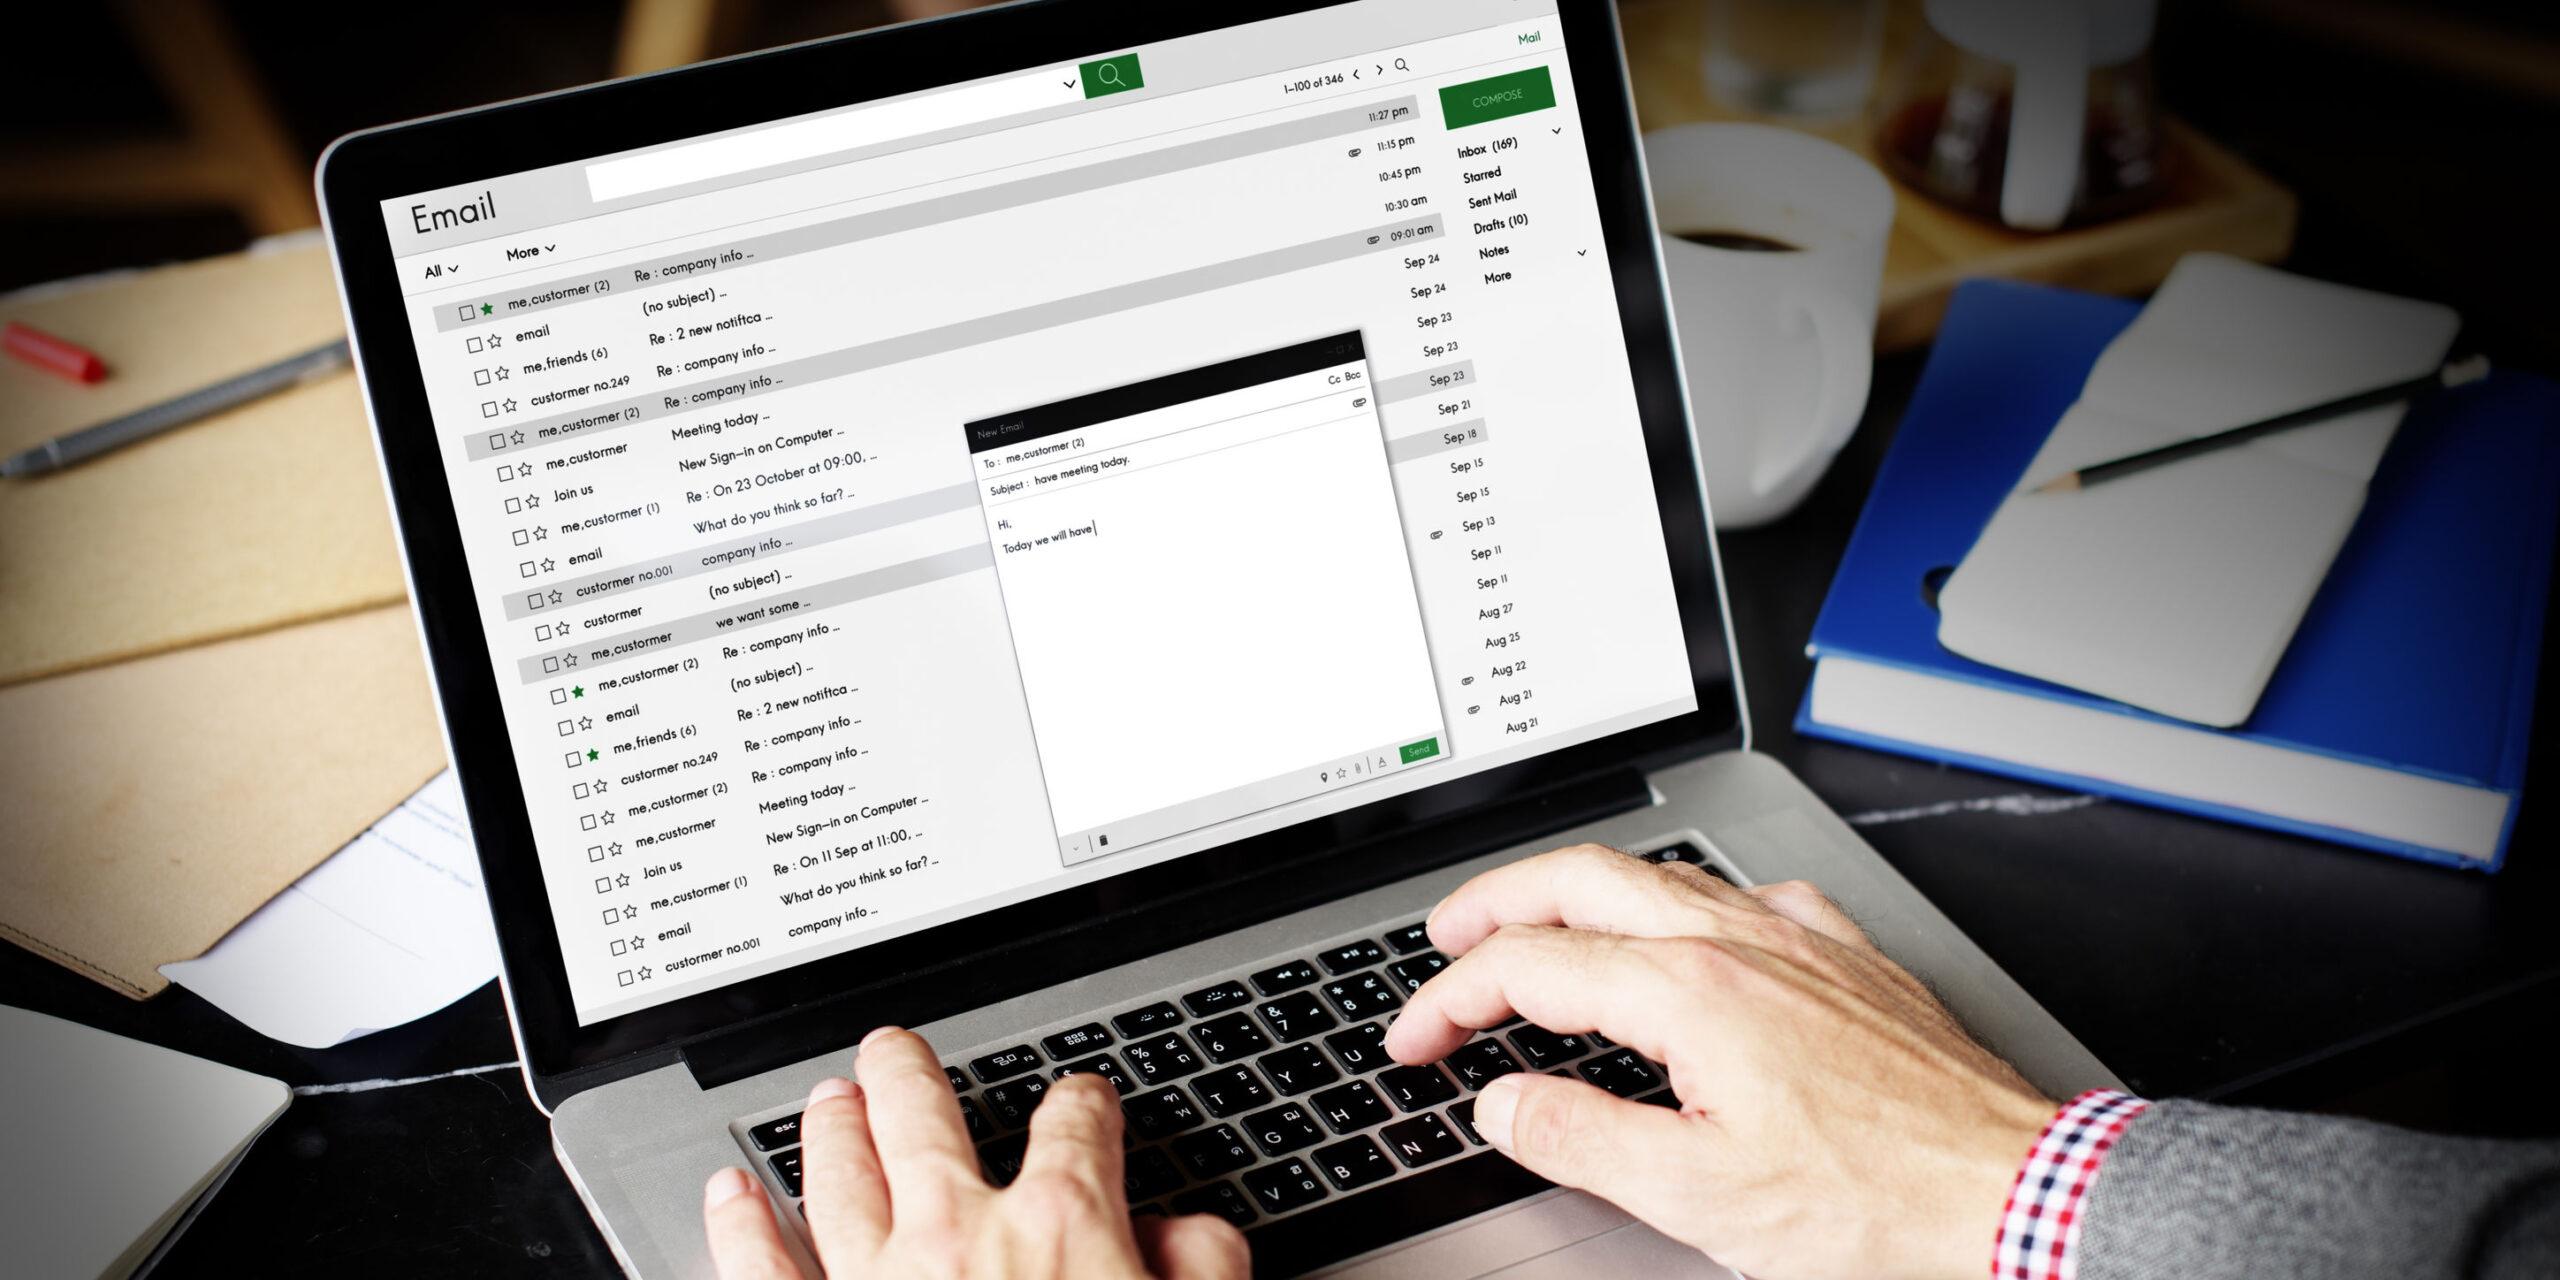 Guía práctica para redactar un correo electrónico